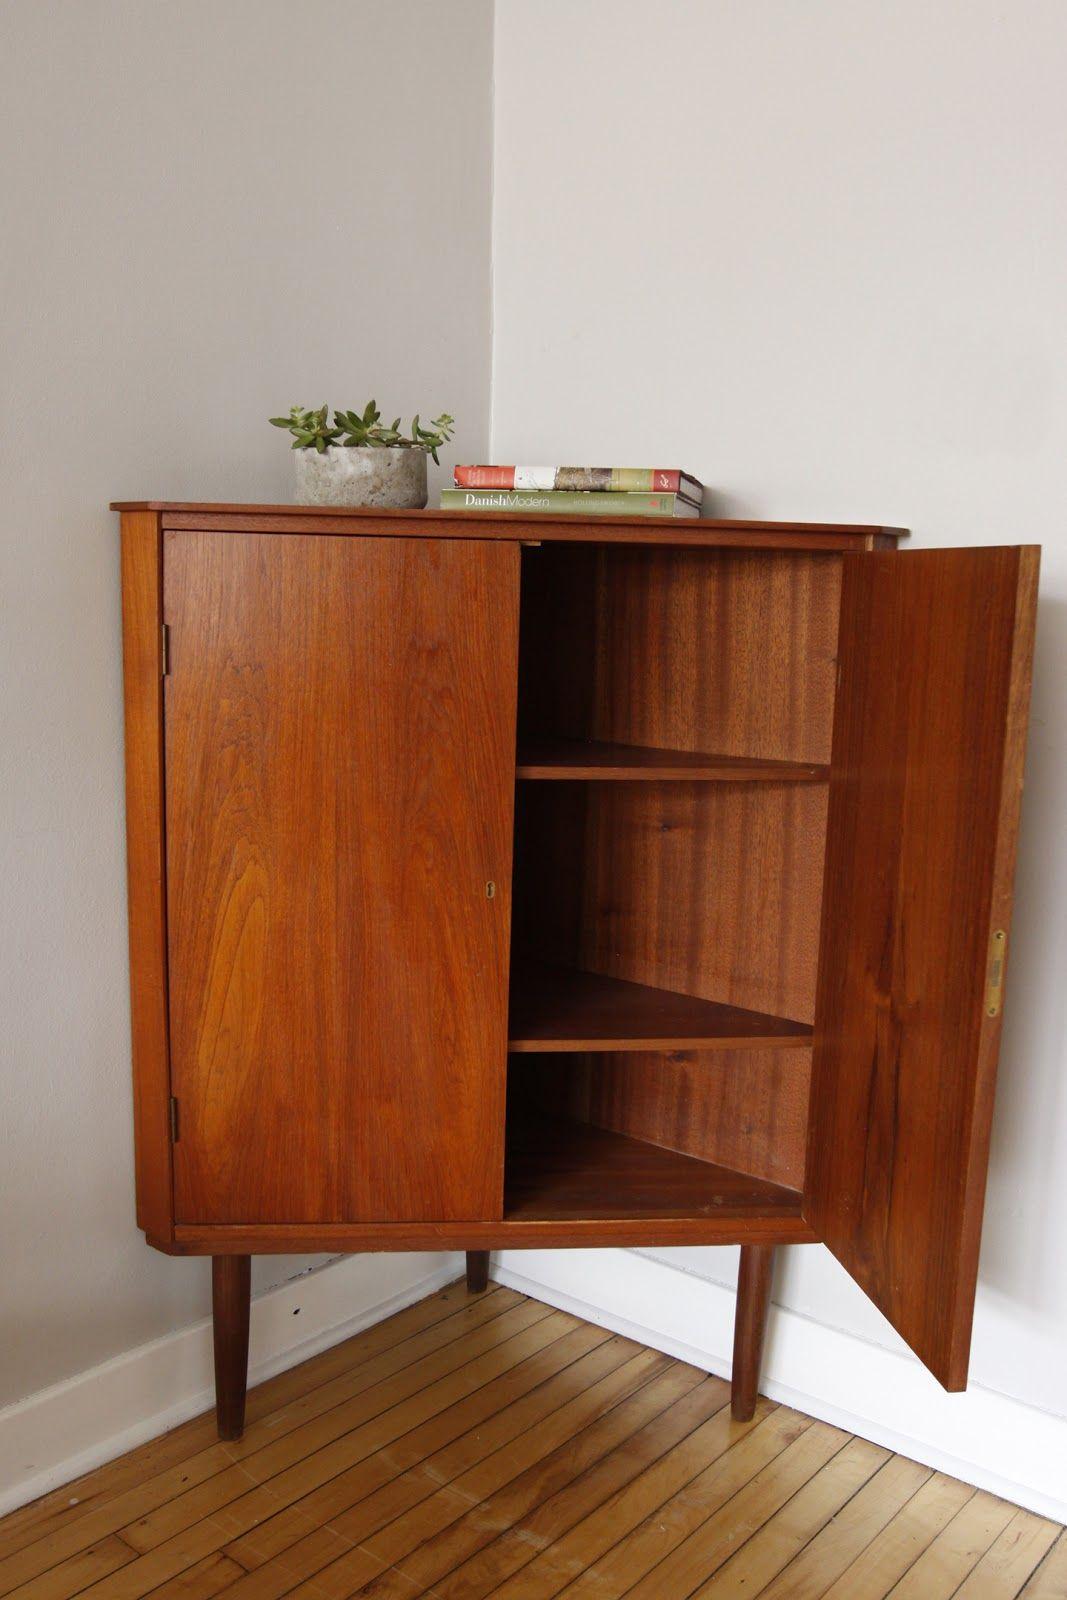 Best Danish Modern Corner Cabinet Home Interior Design 400 x 300